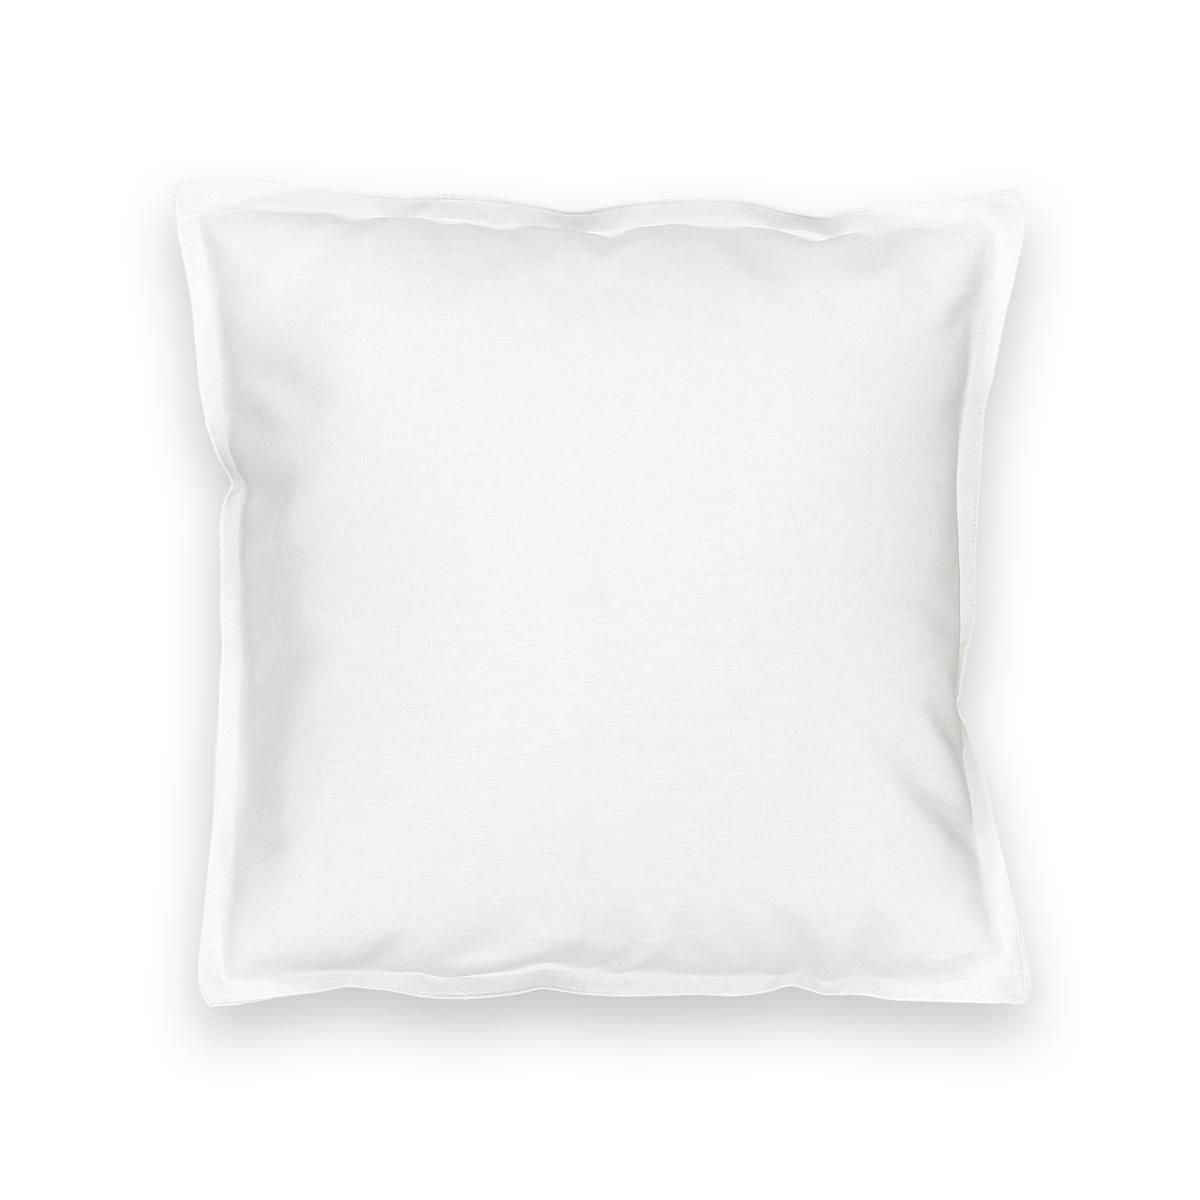 Чехол на подушку из льна/хлопка TA?MAИскрящаяся красота смеси натуральных льна и хлопка. Чехол на подушку из смеси тканей Ta?ma - прекрасный аксессуар, чтобы подчеркнуть роскошь вашего интерьера . Характеристики чехла на подушку из льна и хлопка Ta?ma :- Высокое качество уровня Qualit? BEST.- 55% льна, 45% хлопка - Застежка на невидимую молнию  - Отличная стойкость цвета . Размеры чехла на подушку Ta?ma:50 x 50 см60 x 40 см Найдите на сайте laredoute .ru le подушку TERRA Знак Oeko-Tex® гарантирует, что товары прошли проверку и были изготовлены без применения вредных для здоровья человека веществ.<br><br>Цвет: белый,розовое дерево,светло-серо-коричневый,светло-серый,серо-бежевый,серо-синий,сливовый,темно-серый